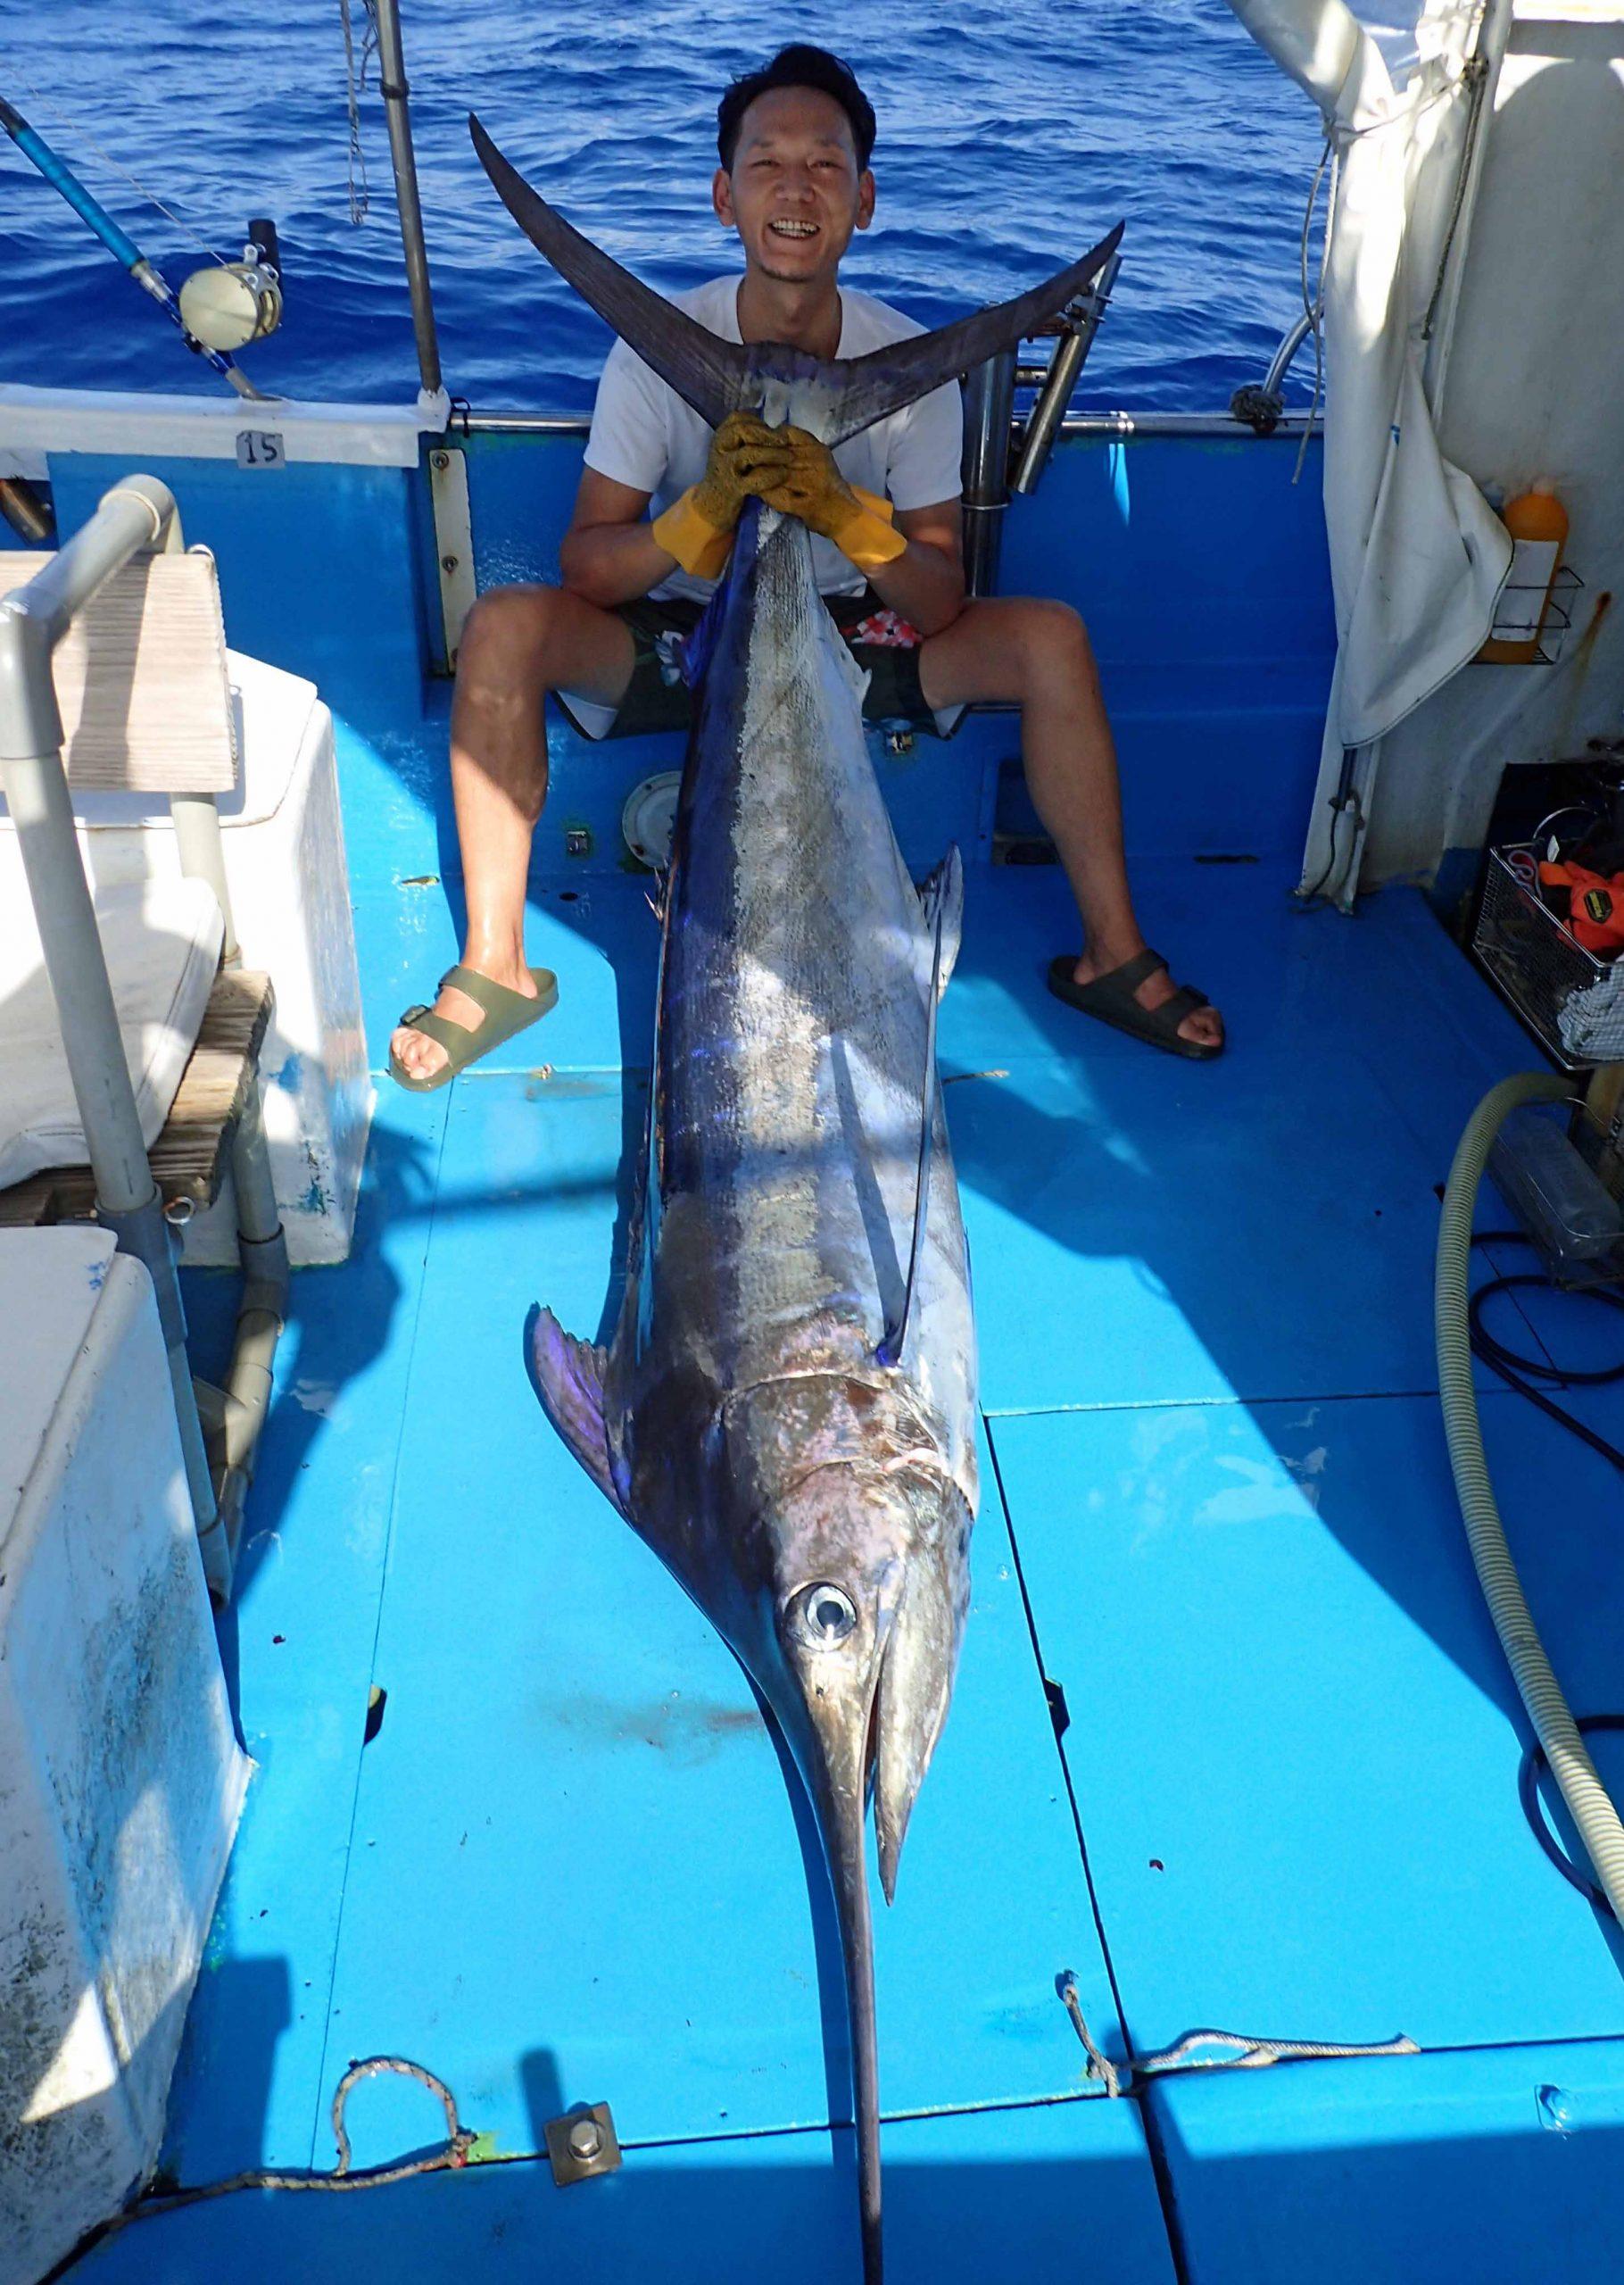 クレーンズ沖縄のトローリングでカジキを釣り上げた熊本県の男性